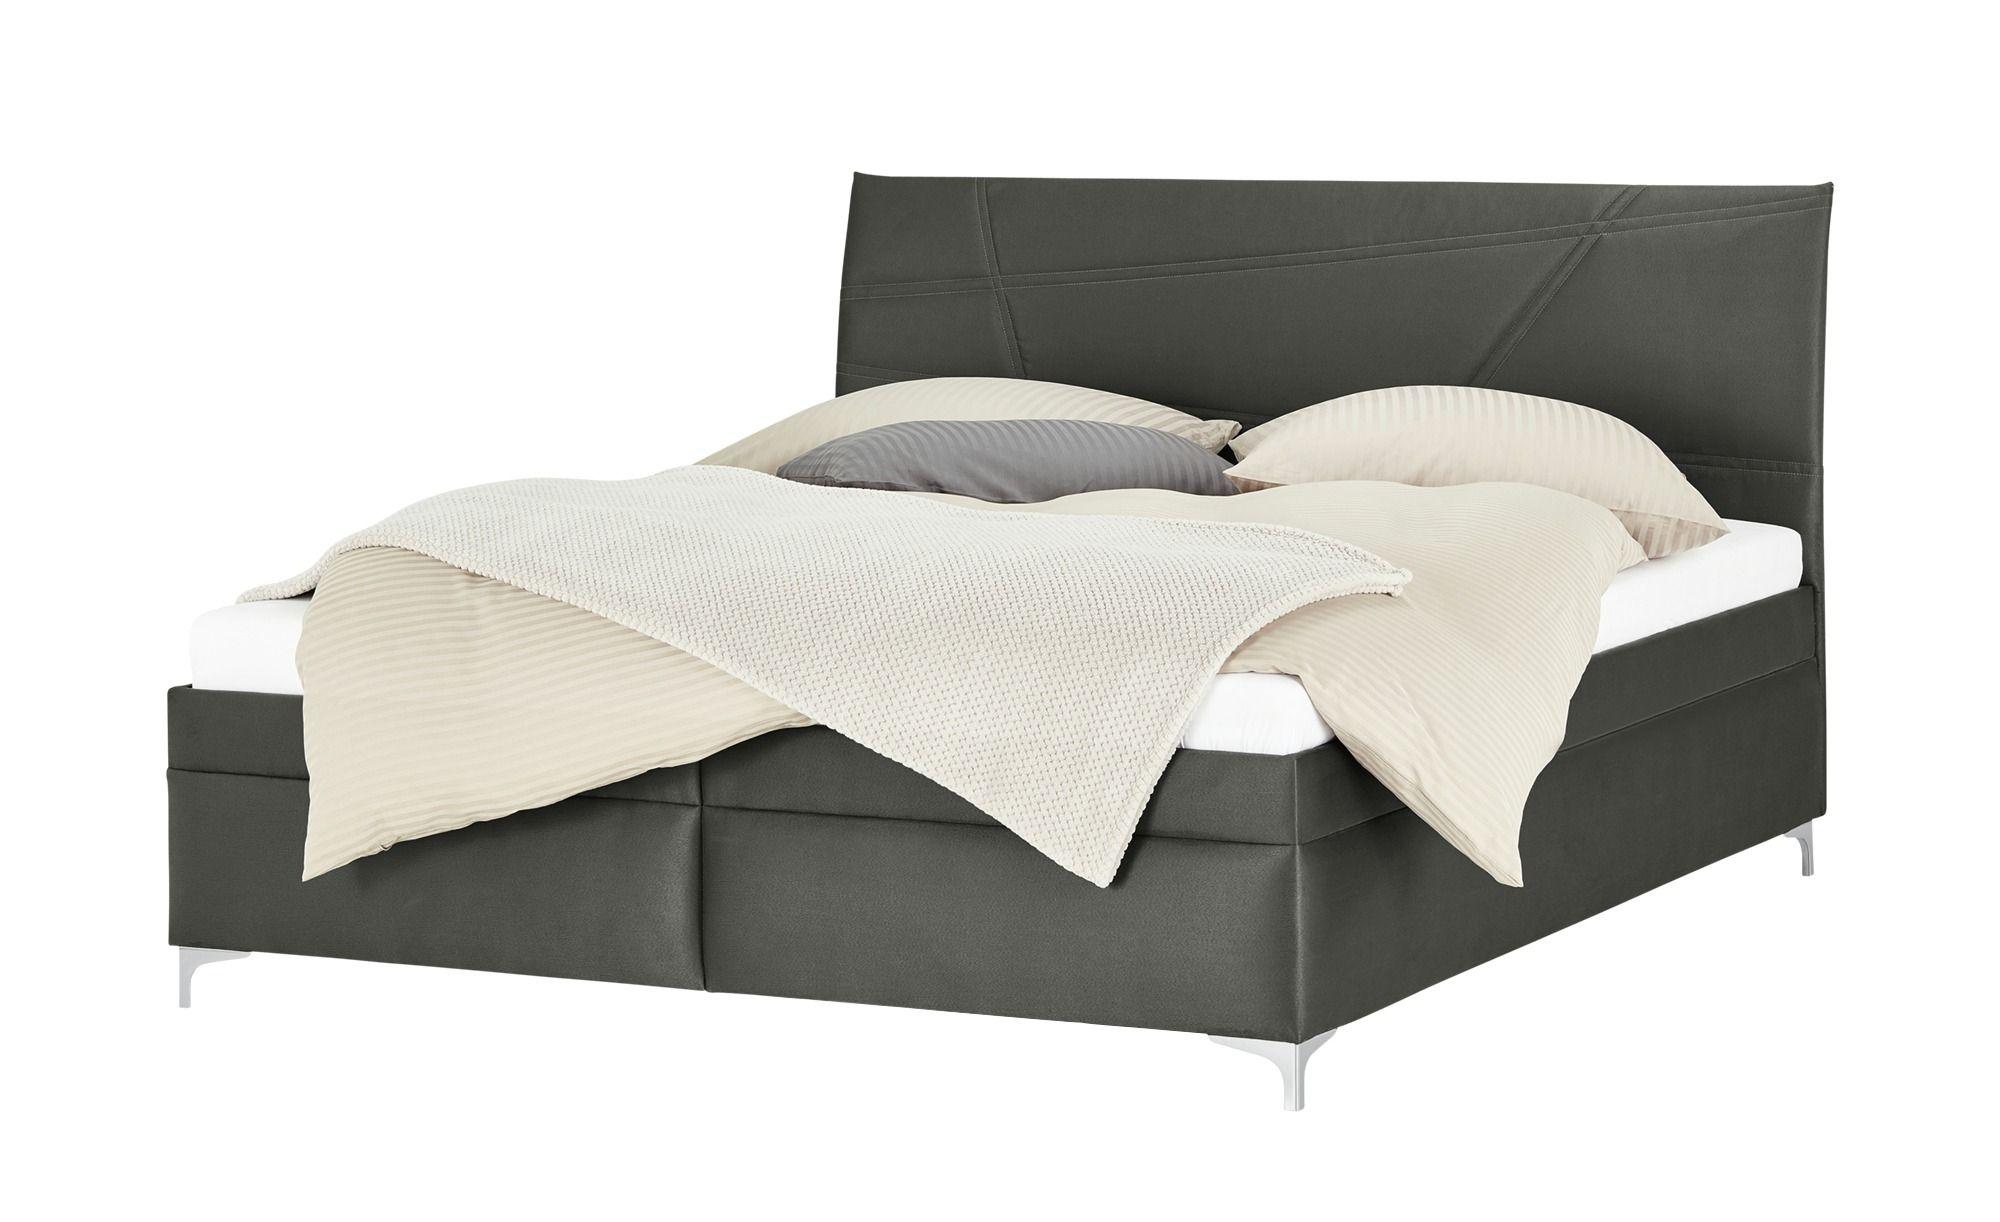 Full Size of 200x200 Bett Betten Weiß Komforthöhe Stauraum Mit Bettkasten Wohnzimmer Stauraumbett 200x200